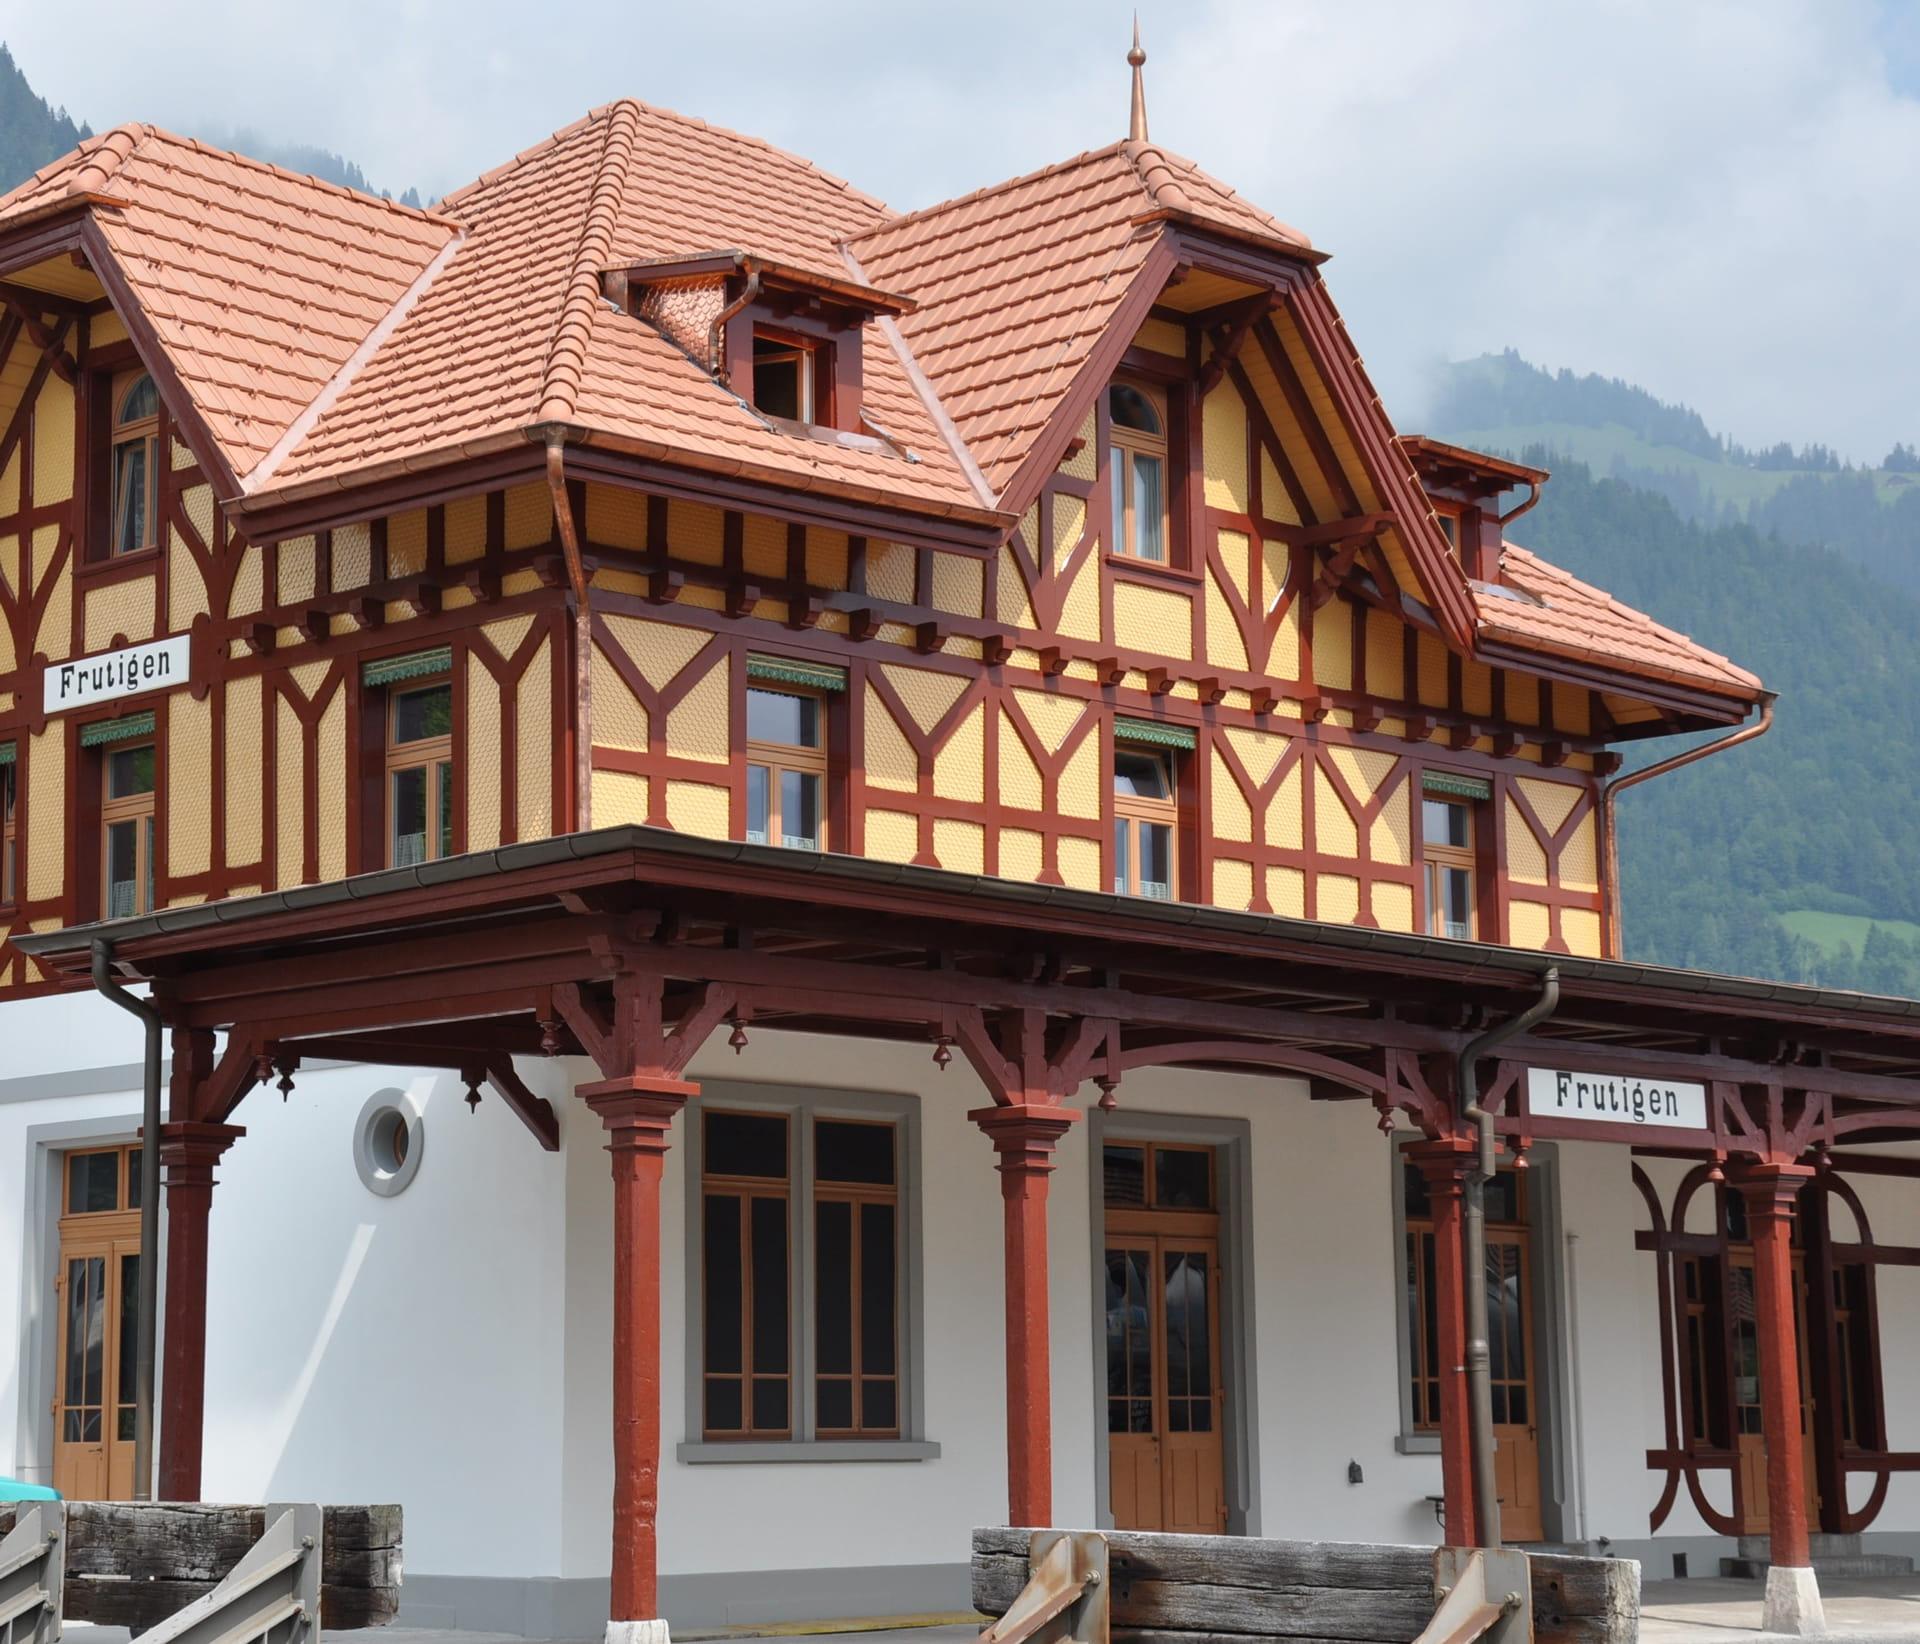 Historischer Bahnhof Frutigen in neuem Gewand.